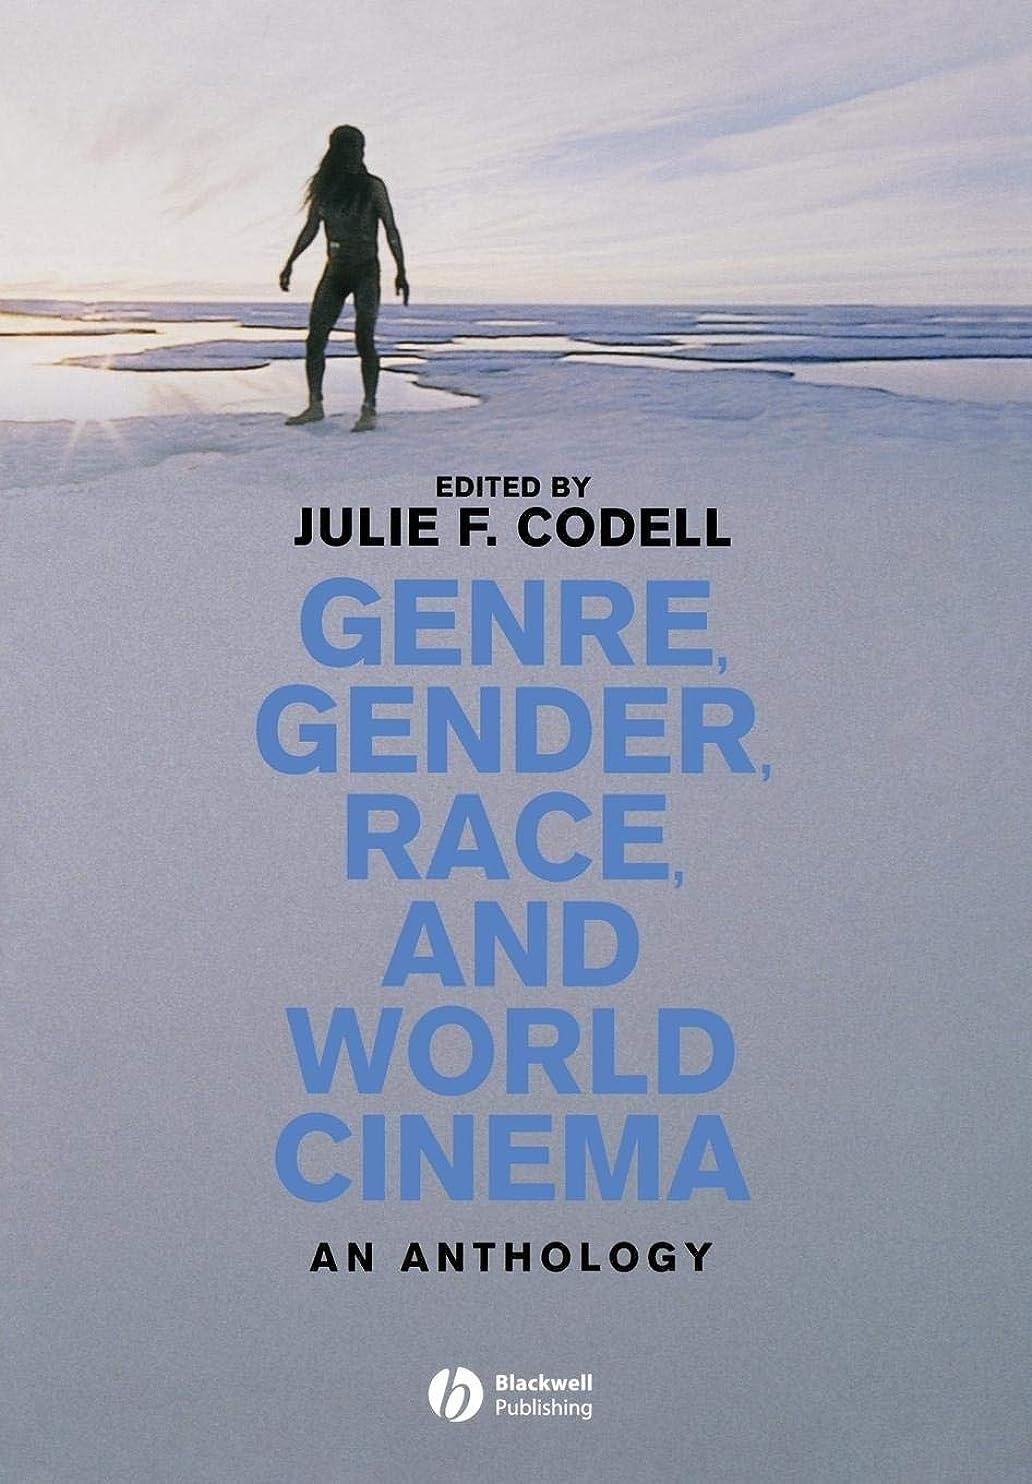 投資する豊かな助けてGenre, Gender, Race and World Cinema: An Anthology